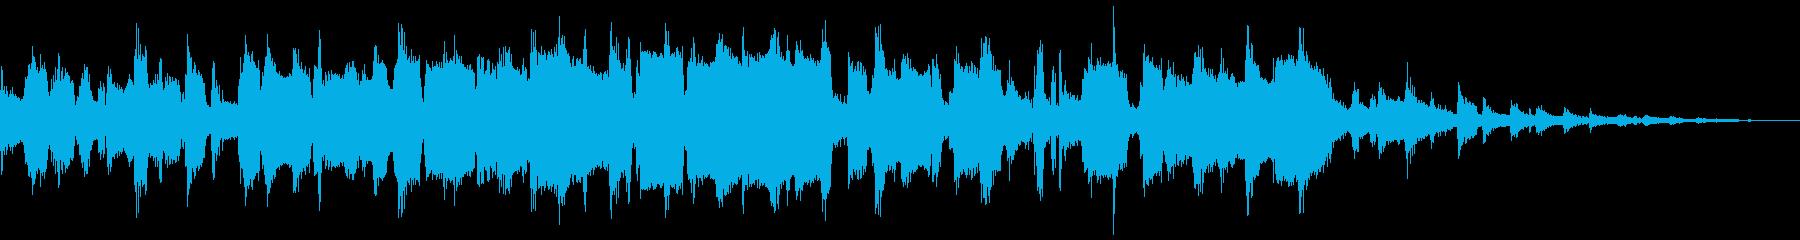 サックスによるジャズのブルースナンバーの再生済みの波形